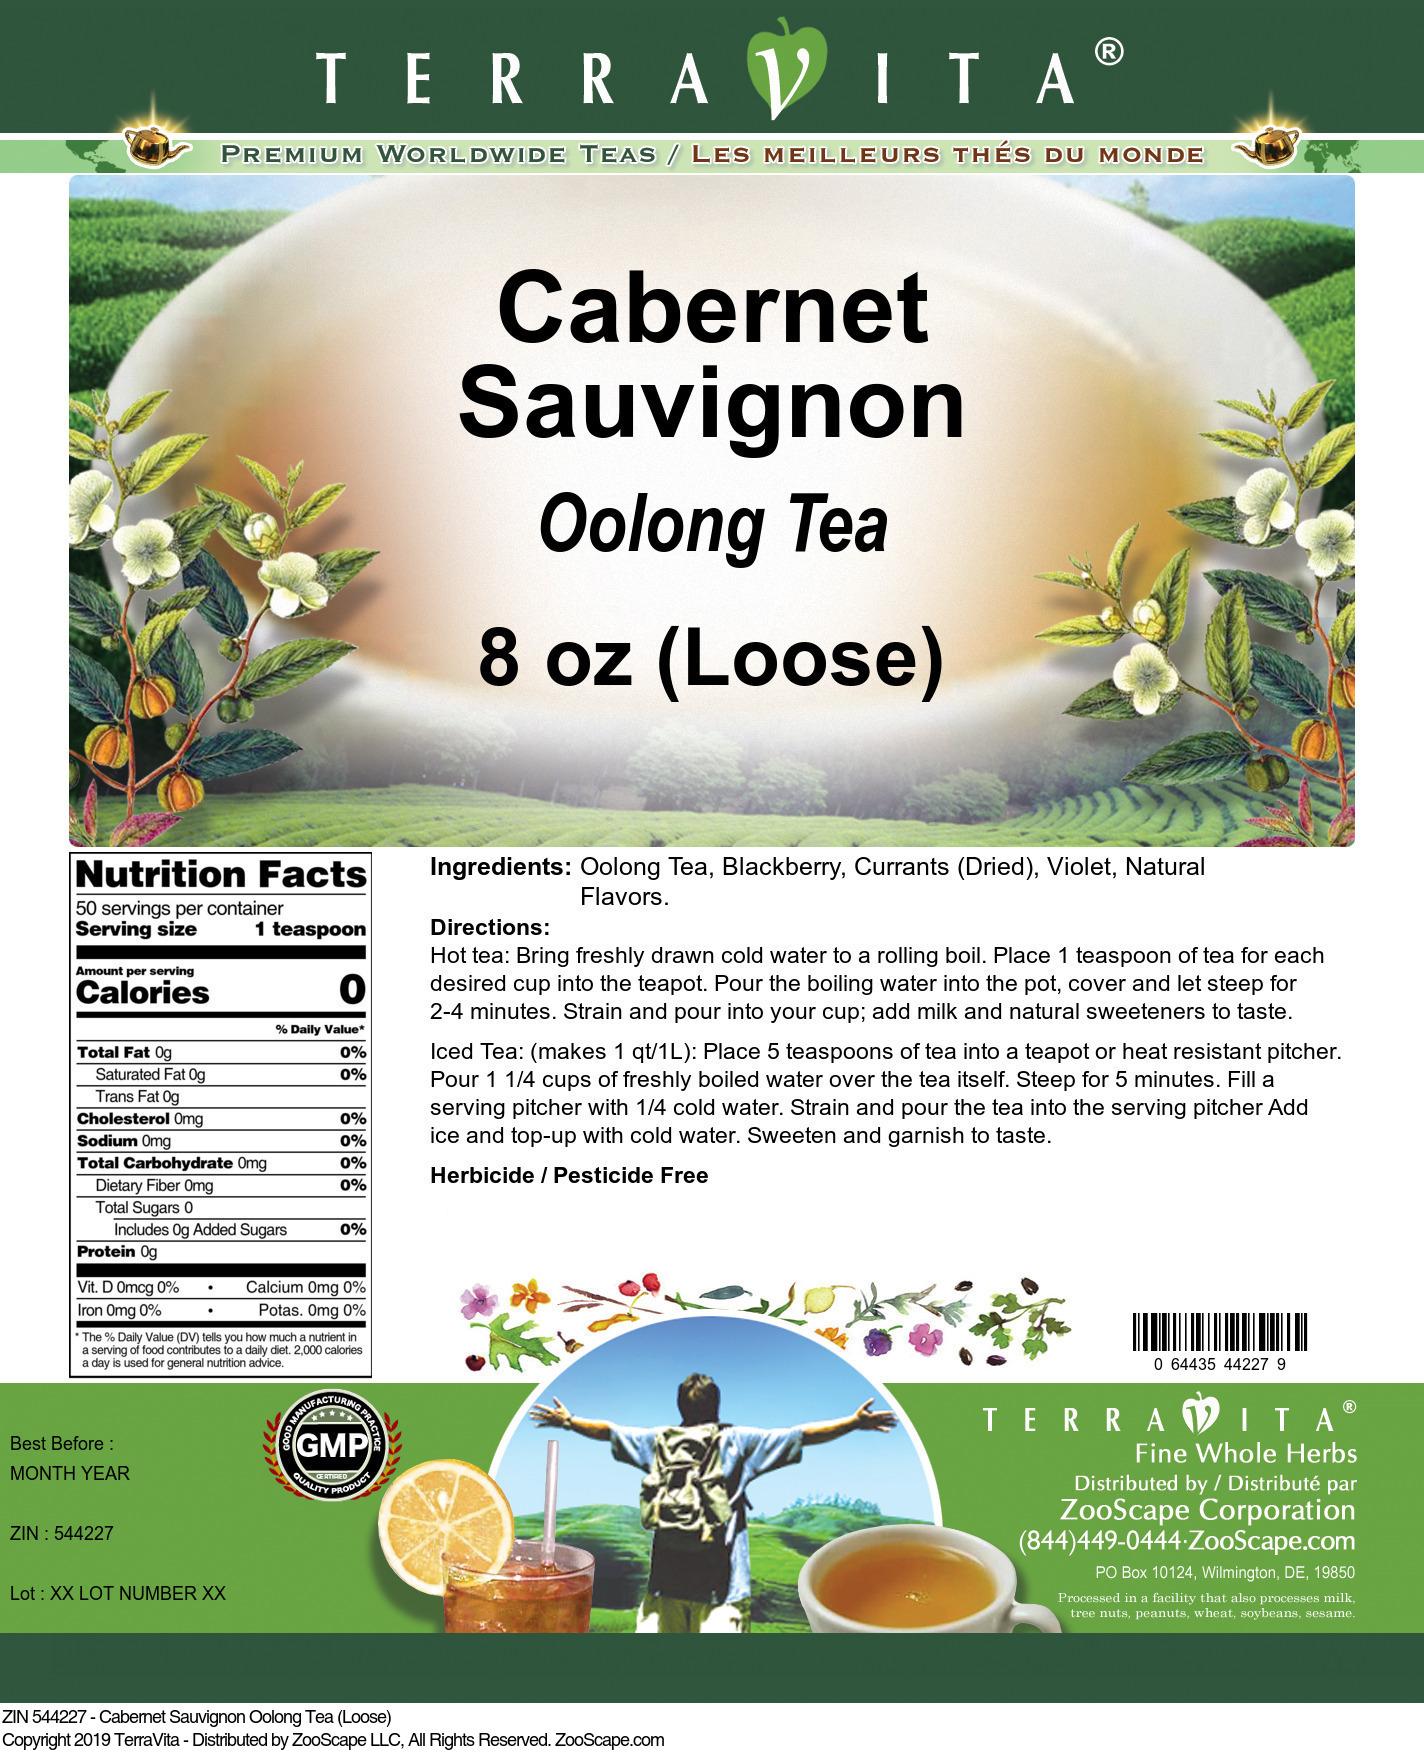 Cabernet Sauvignon Oolong Tea (Loose)